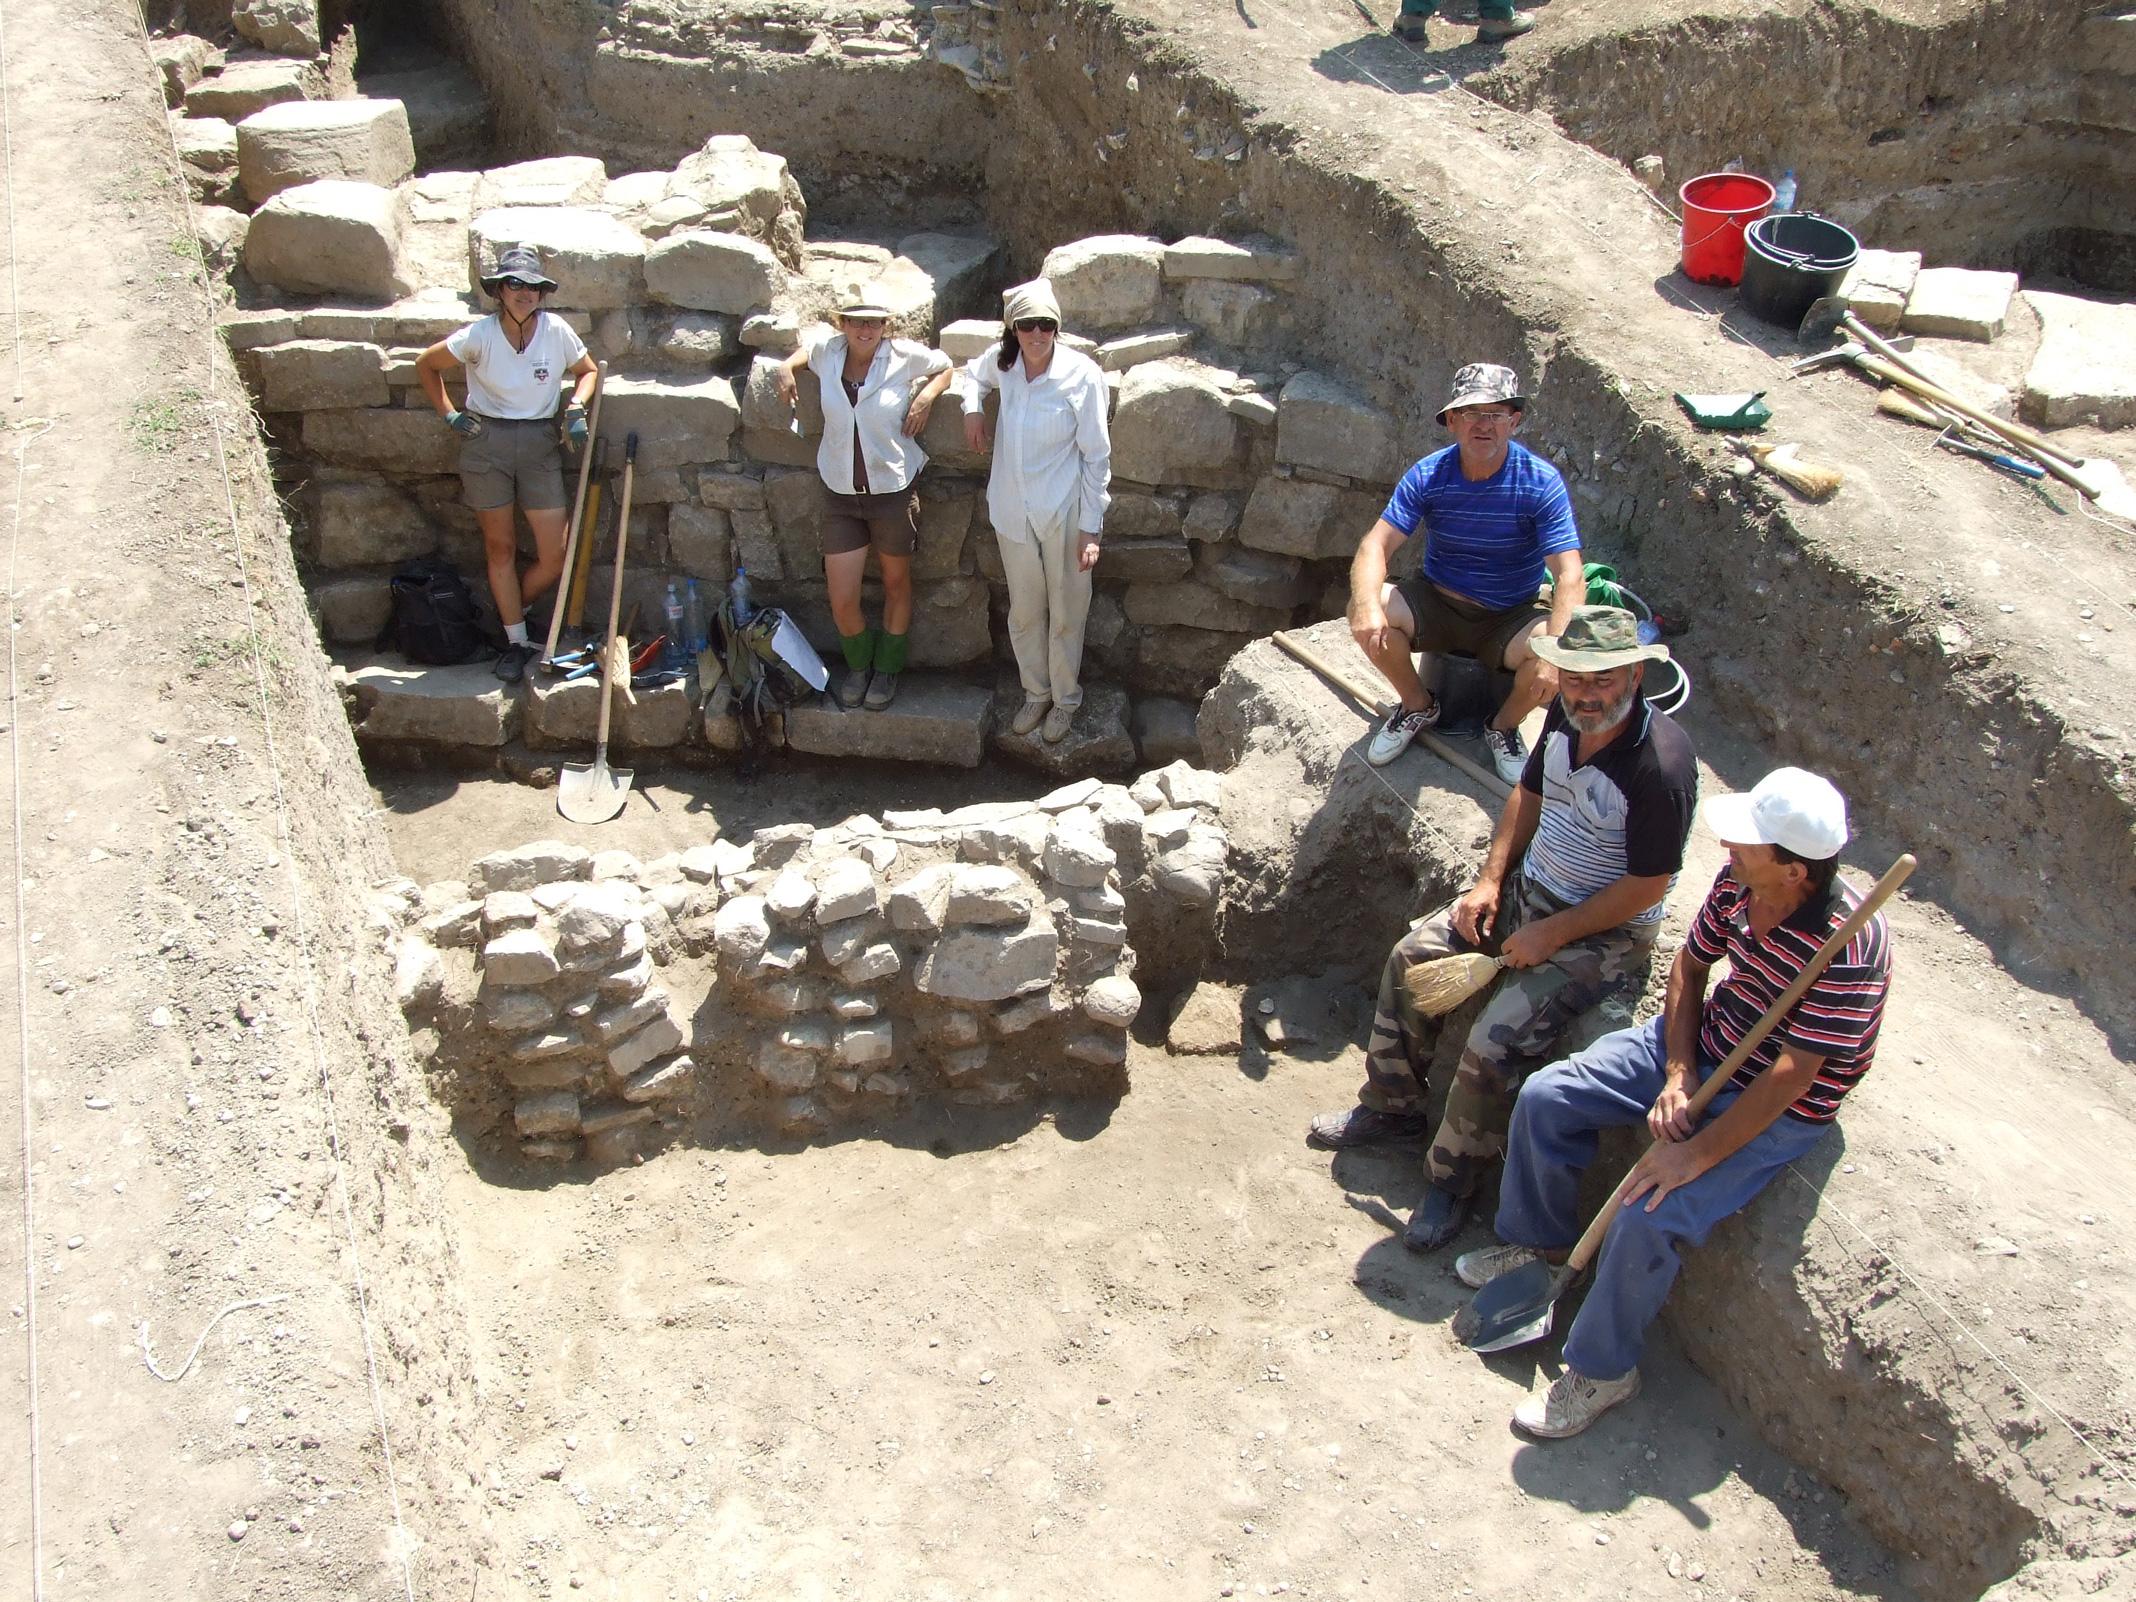 http://www.tfahr.org/images/2010FAlb032.jpg